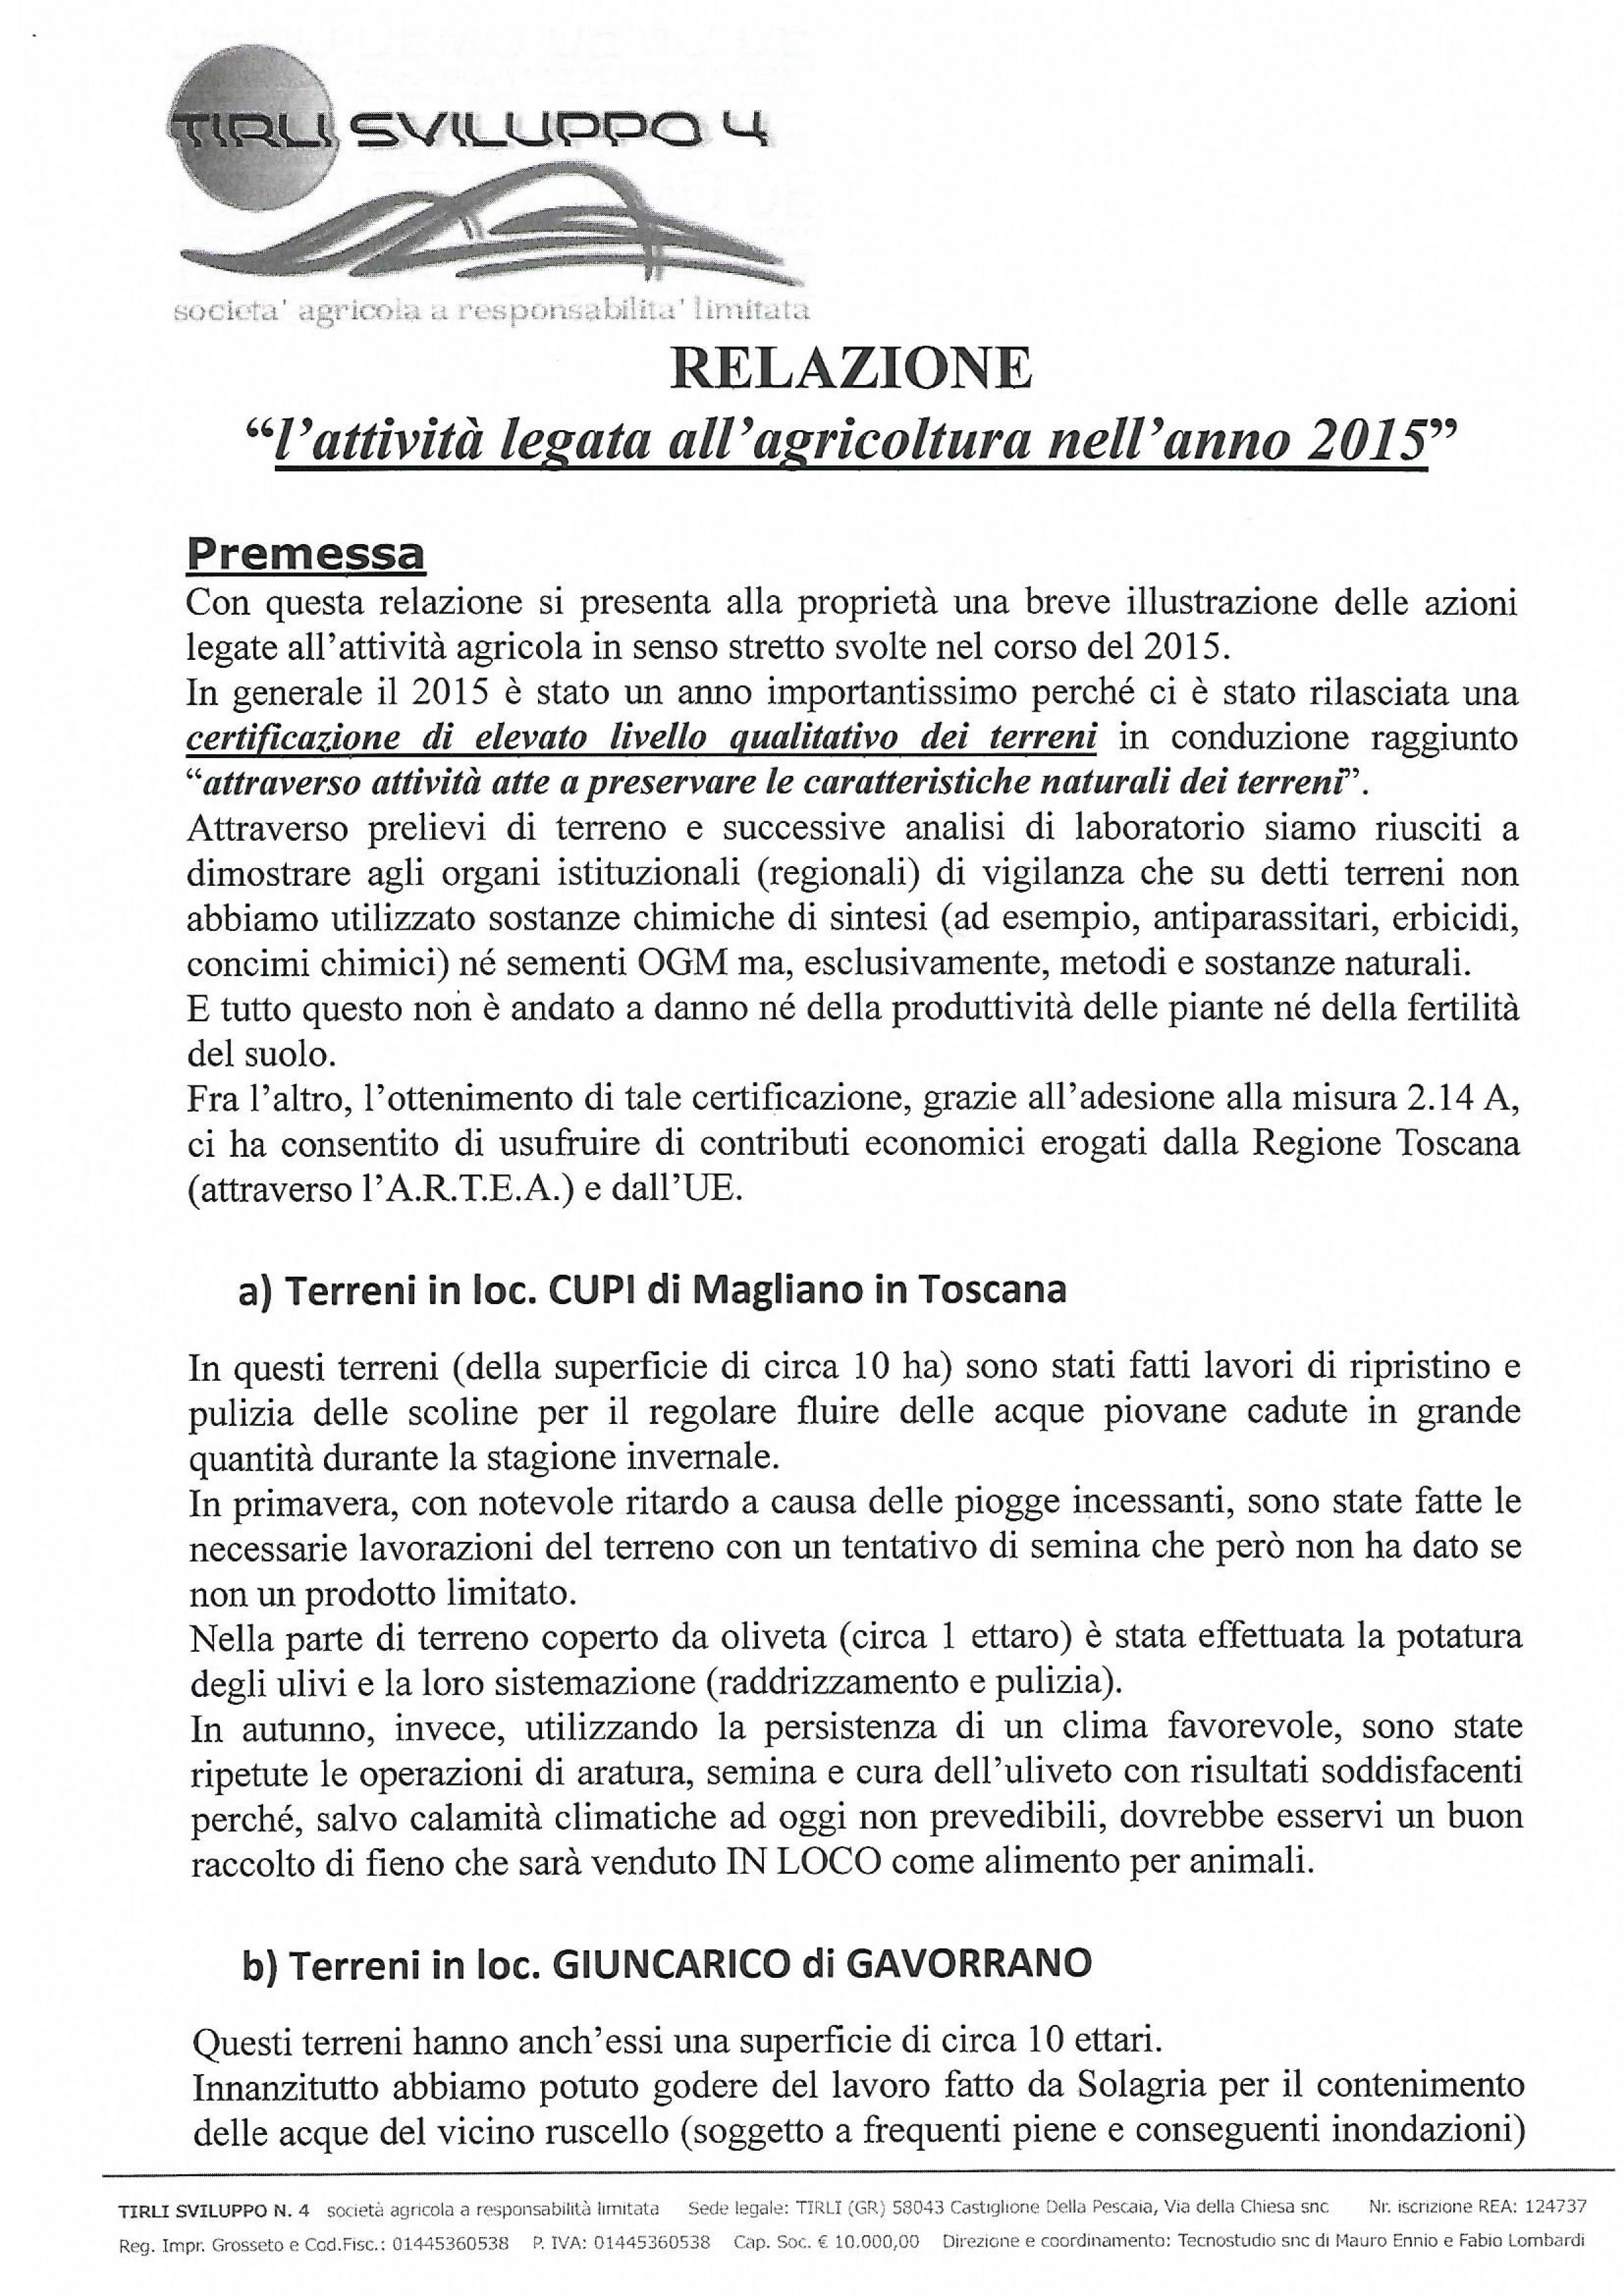 RELAZIONE AGRICOLA 2015-1